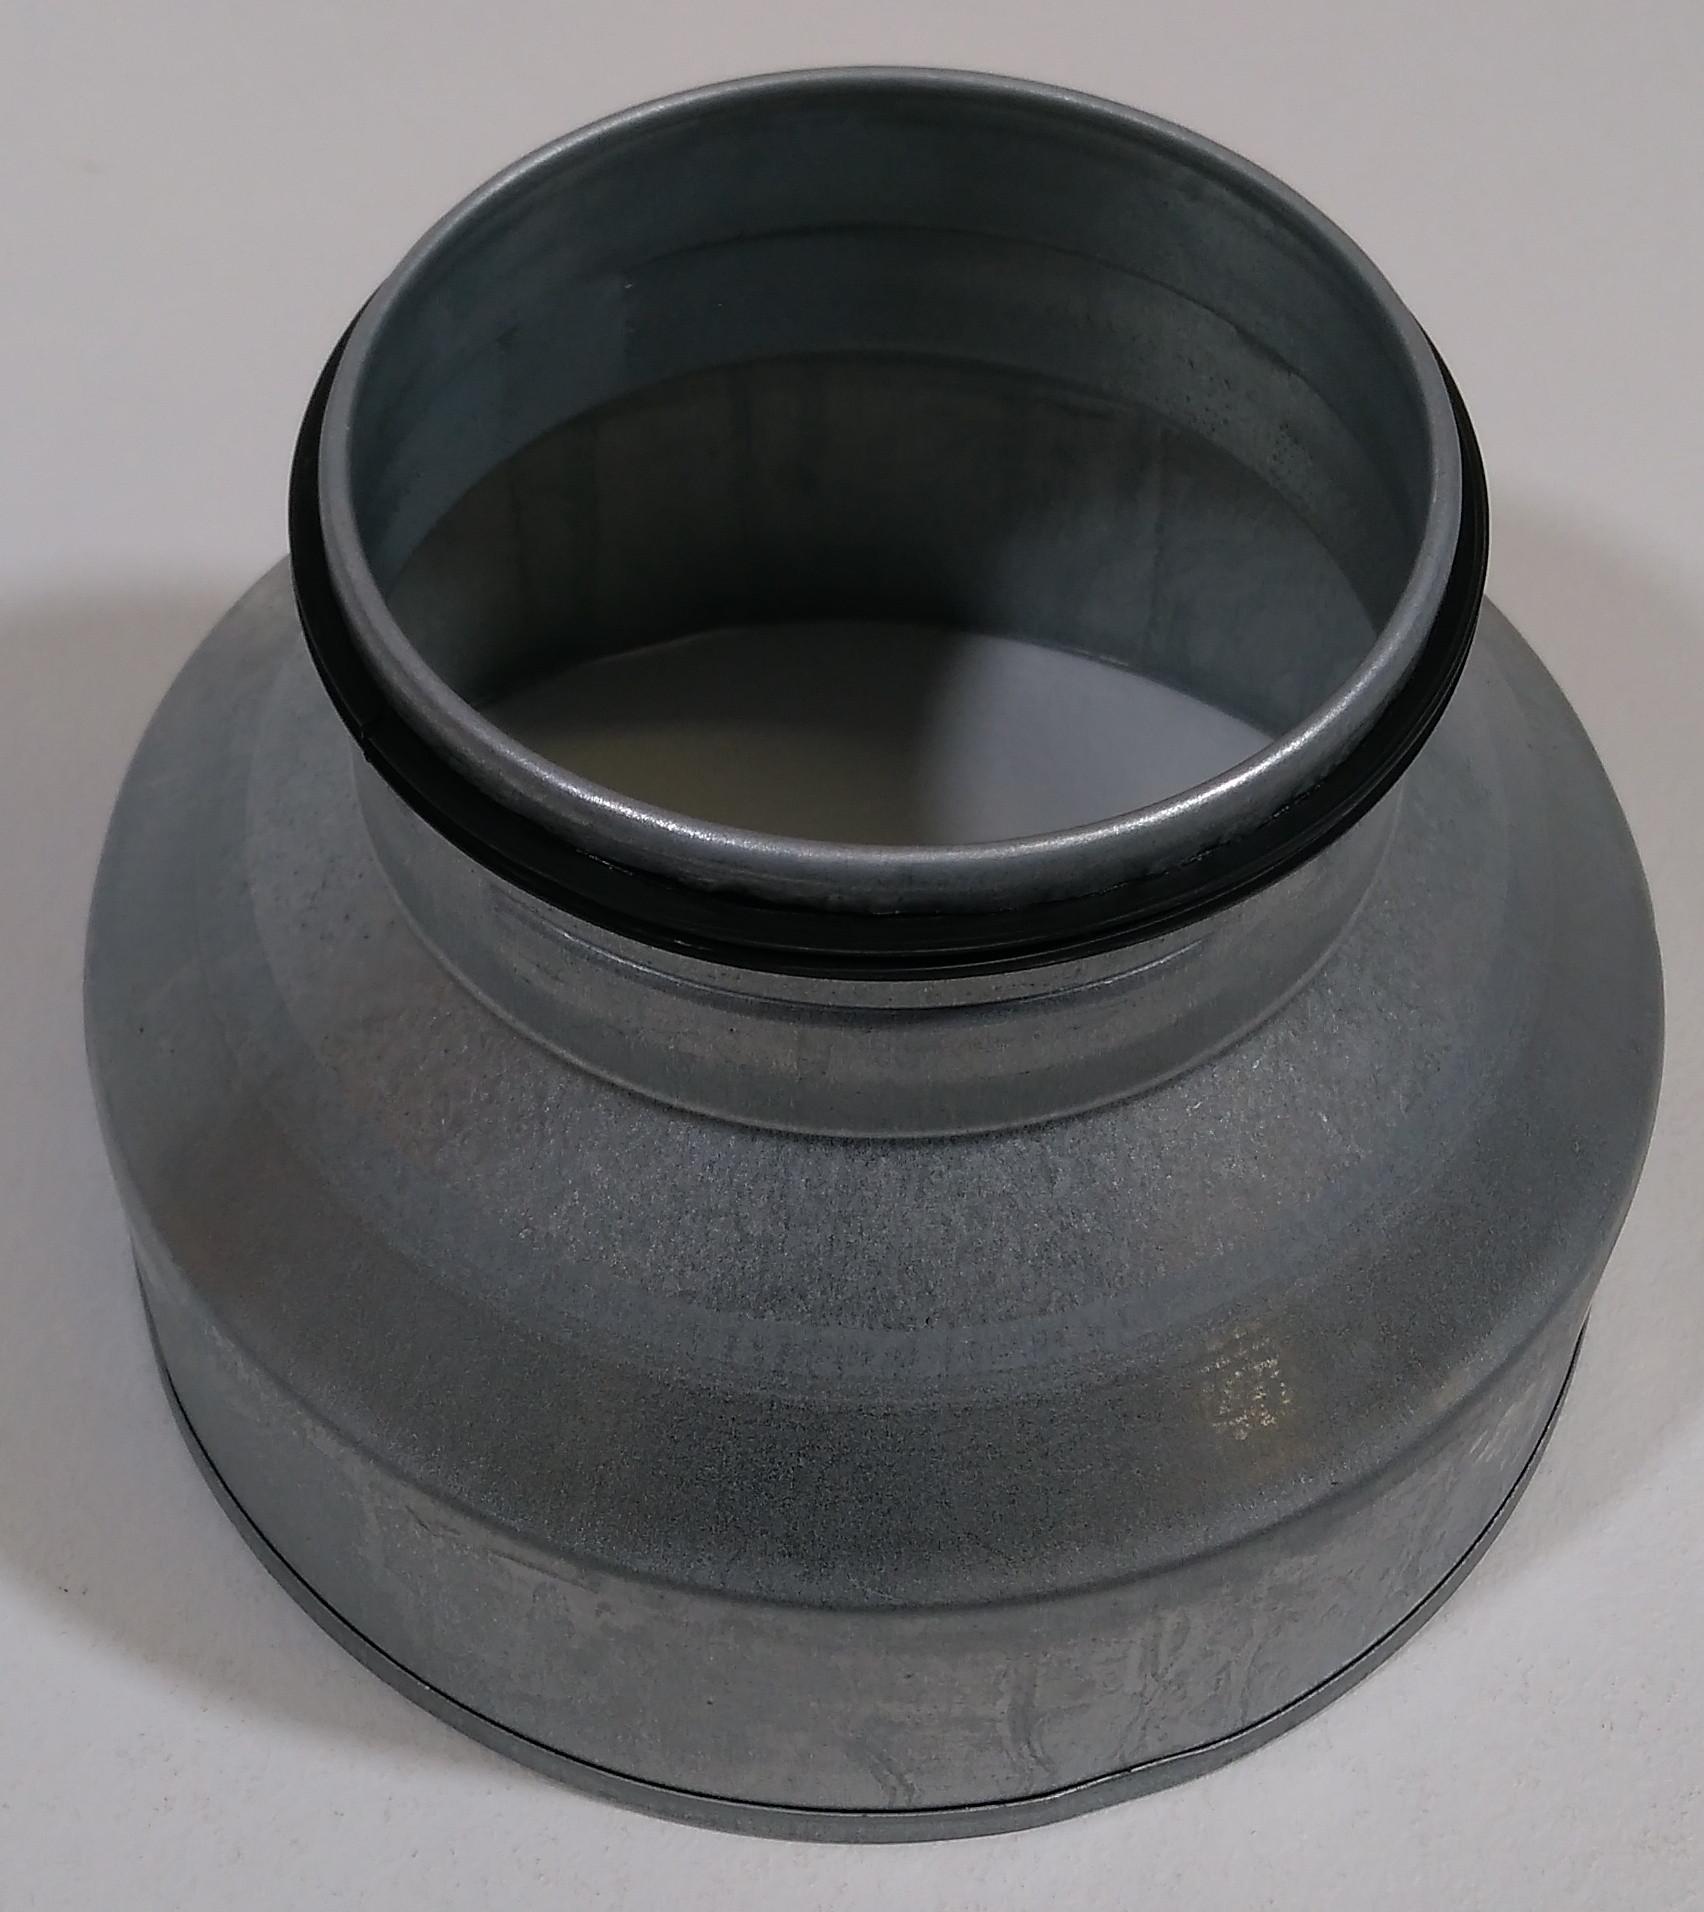 Reduzierung Stahl verzinkt mit EPDM Lippendichtung Muffe / Nippel